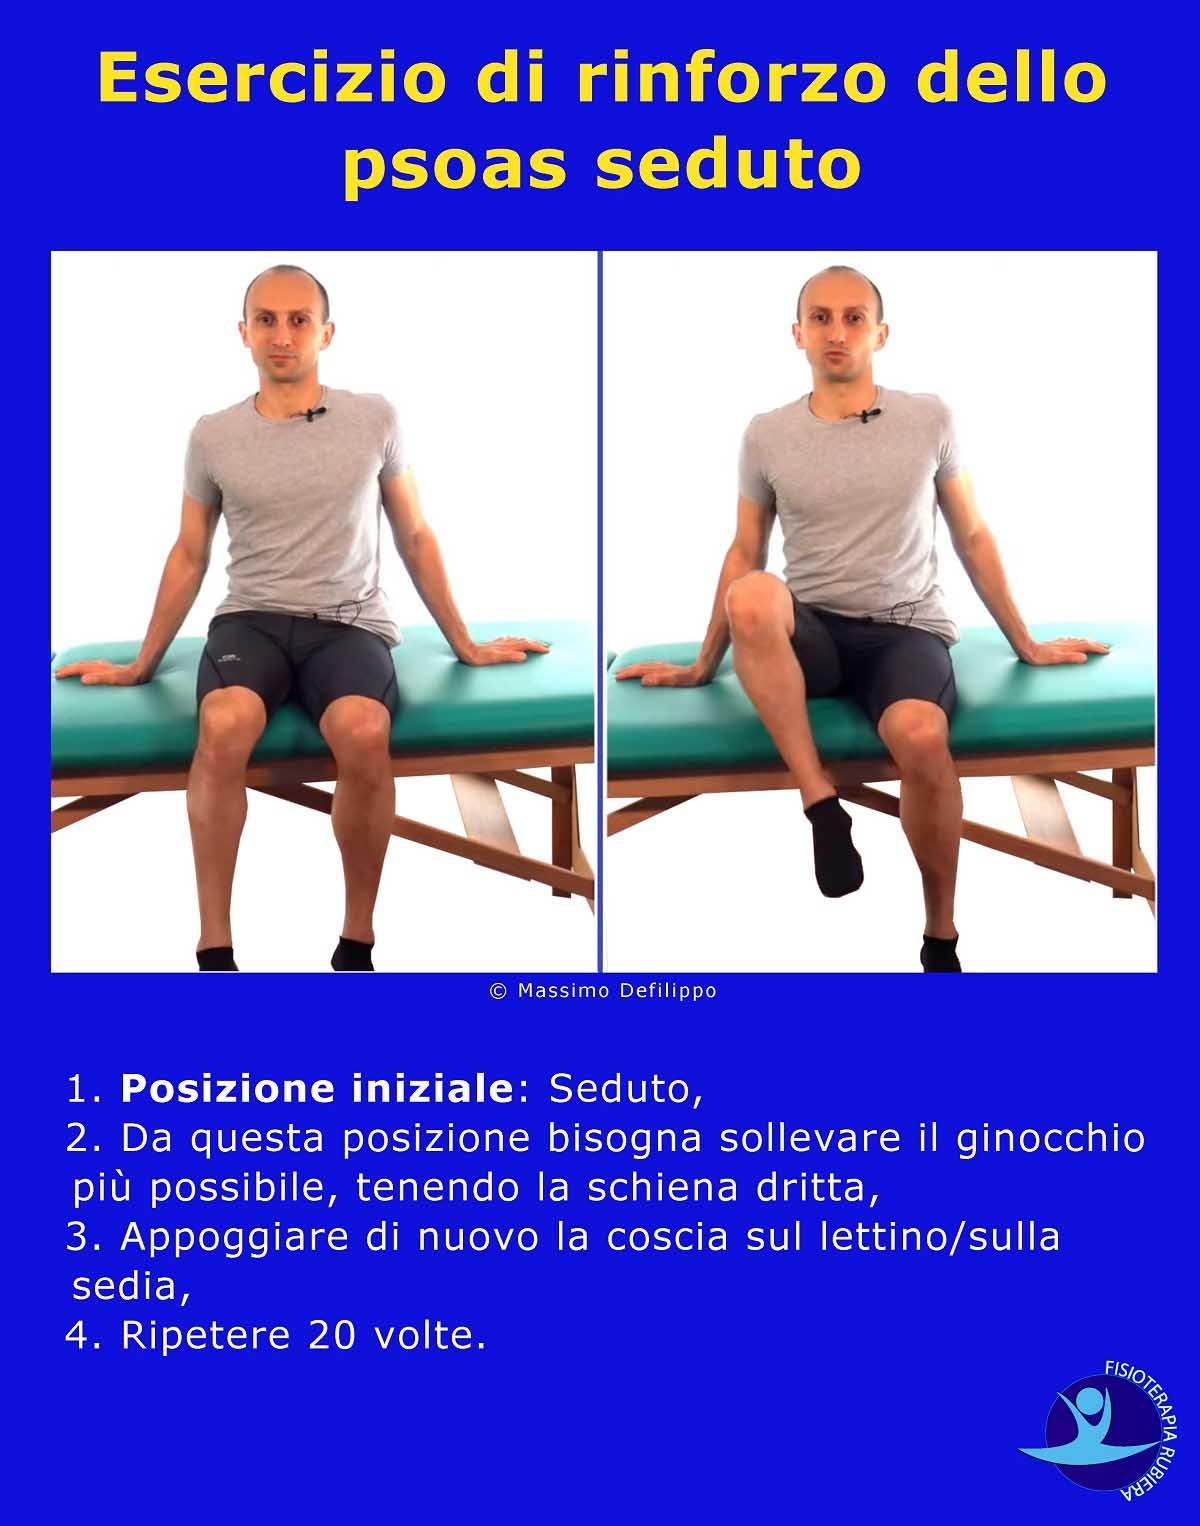 Esercizio-di-rinforzo-dello-psoas-seduto